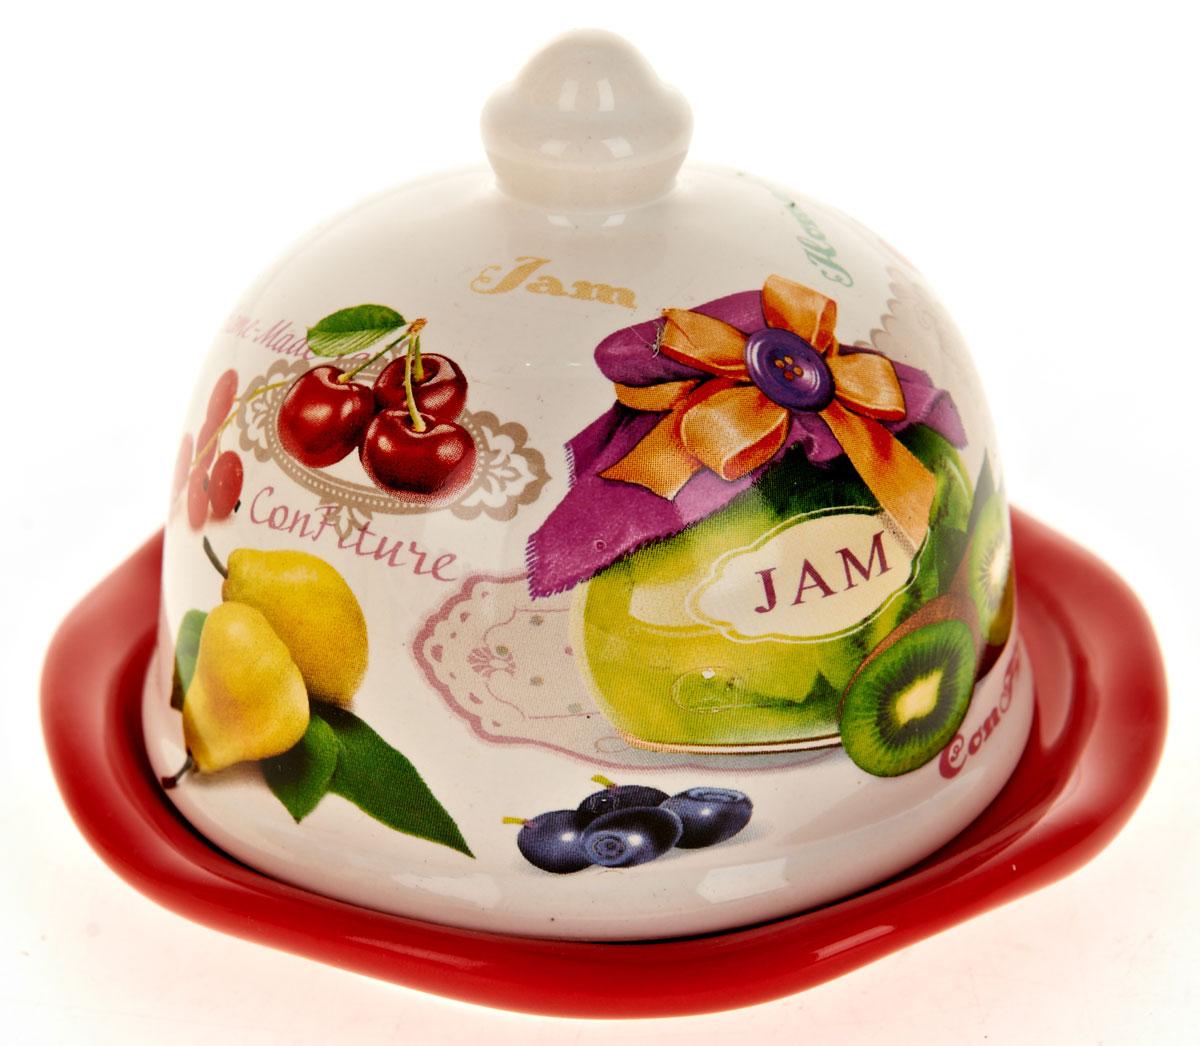 Лимонница ENS Group Джем. L2430705L2430705Лимонница Джем выполнена из высококачественной керамики и состоит из блюдца и крышки. Изделие украшено оригинальным узором. Лимонница Джем доставит истинное удовольствие ценителям прекрасного и поможет сохранить свежесть лимона на длительный срок. Яркий дизайн, несомненно, придется вам по вкусу. Не рекомендуется мыть в посудомоечной машине.